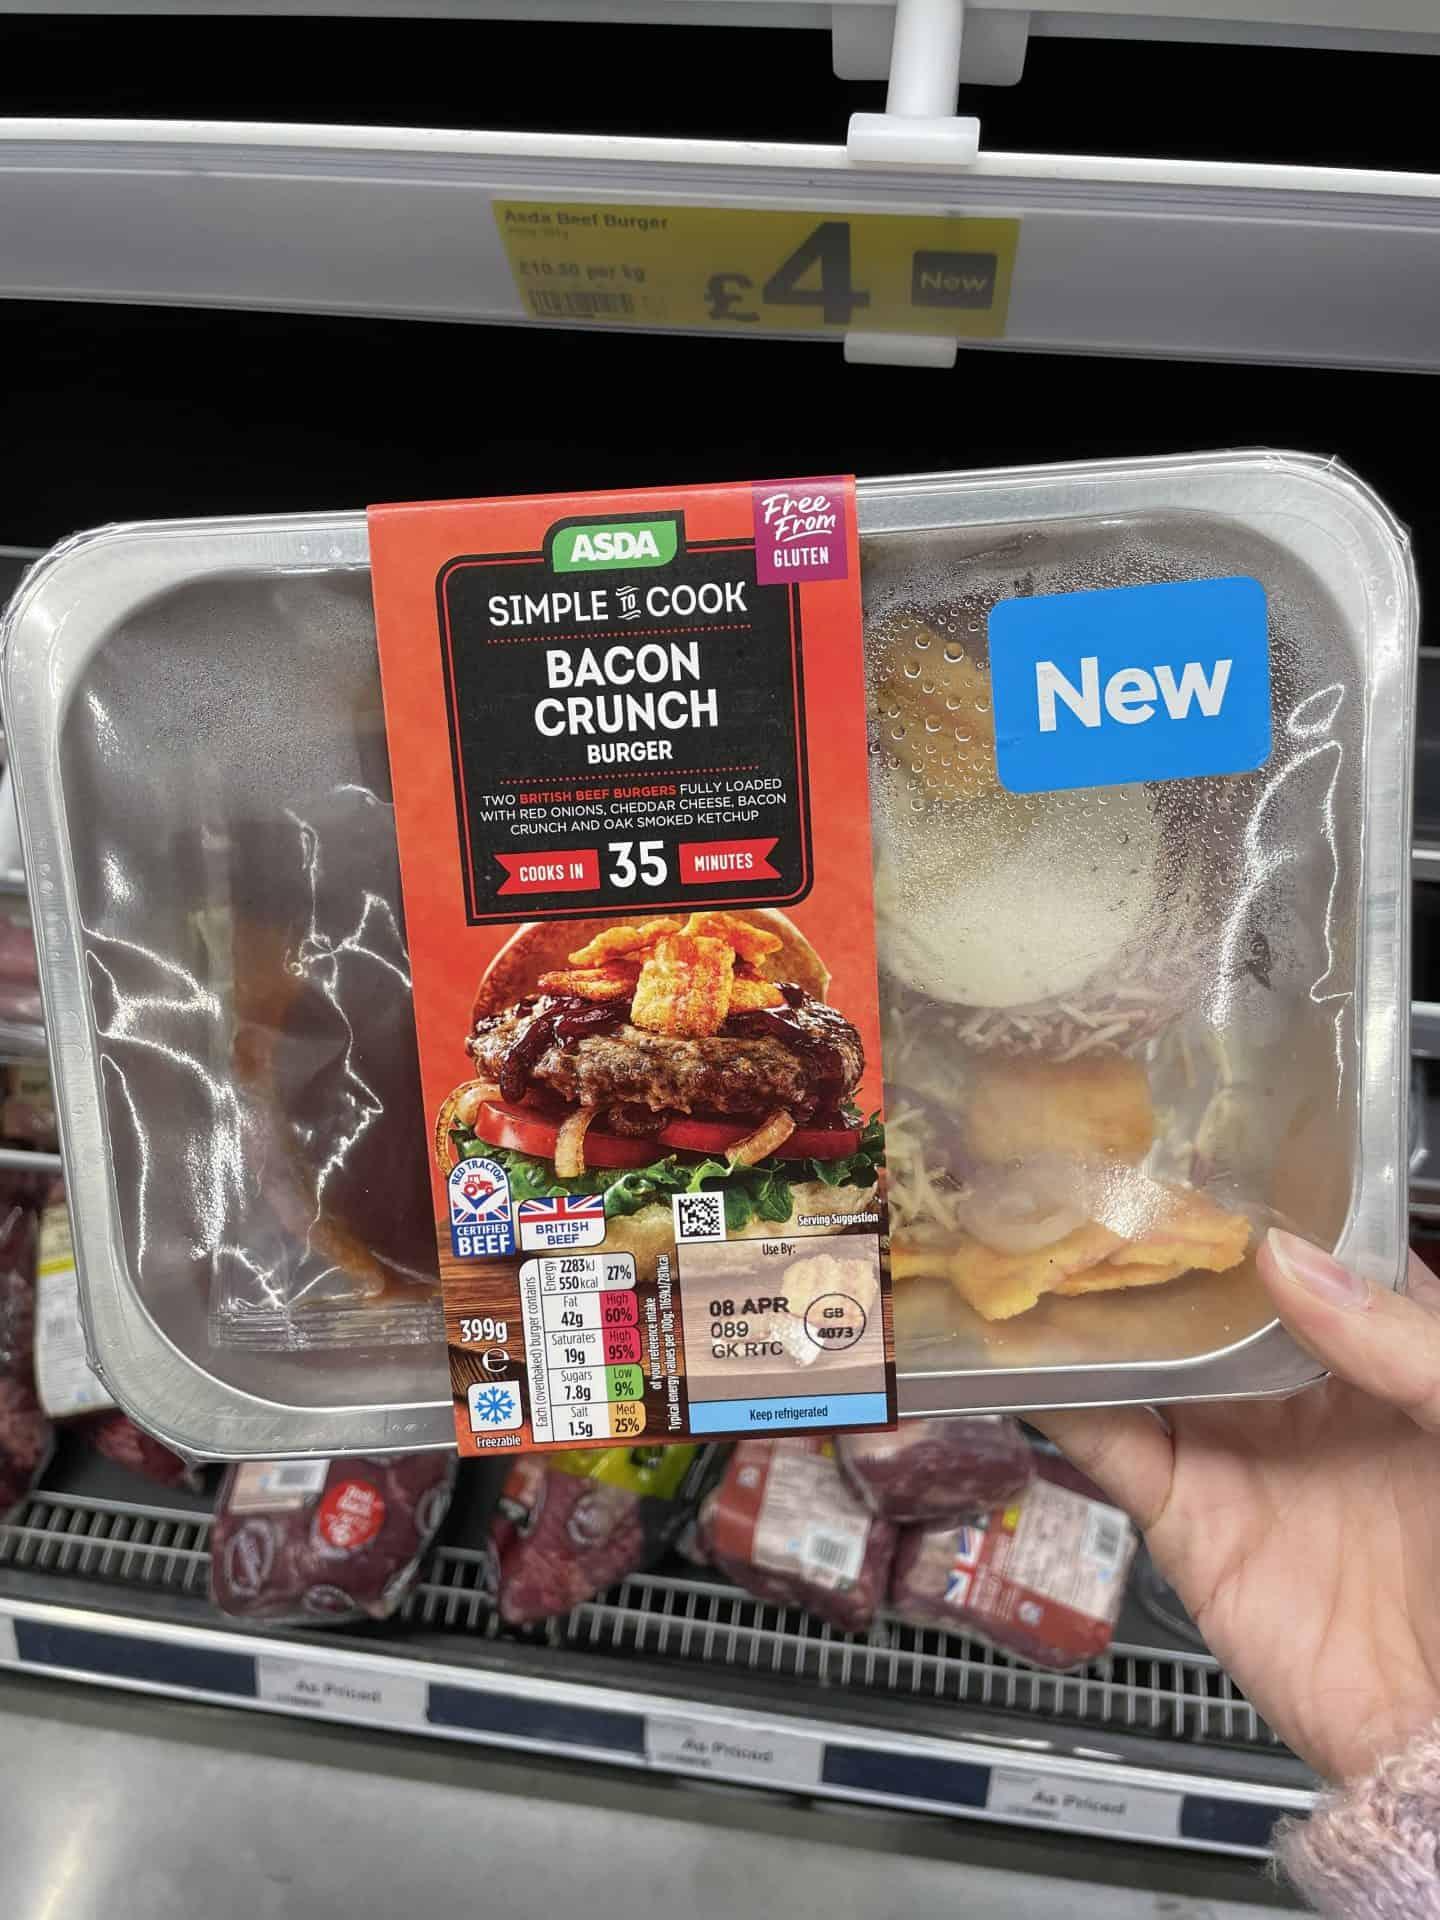 Asda bacon crunch burger kit gluten free